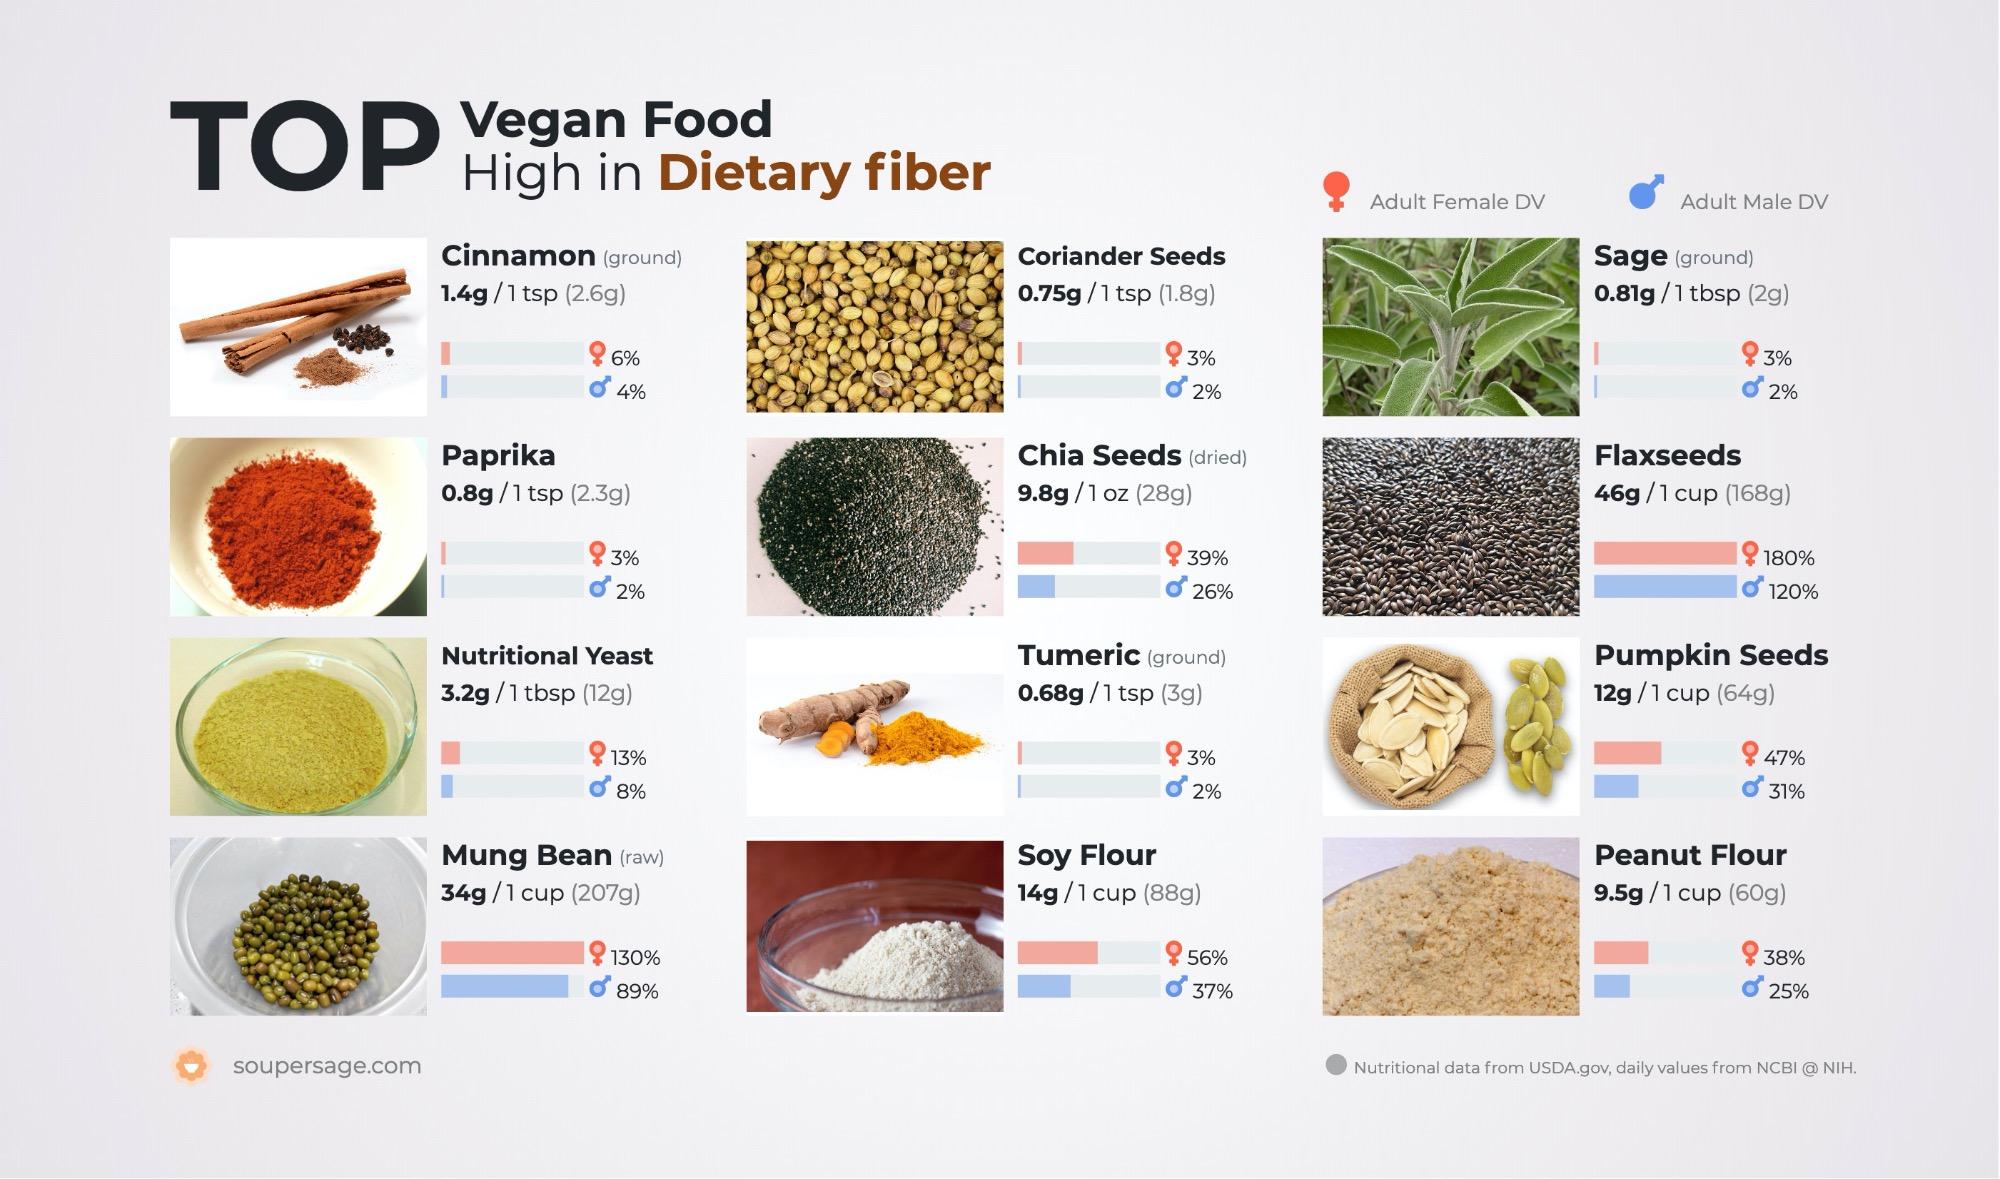 image of Top Vegan Food High in Dietary fiber